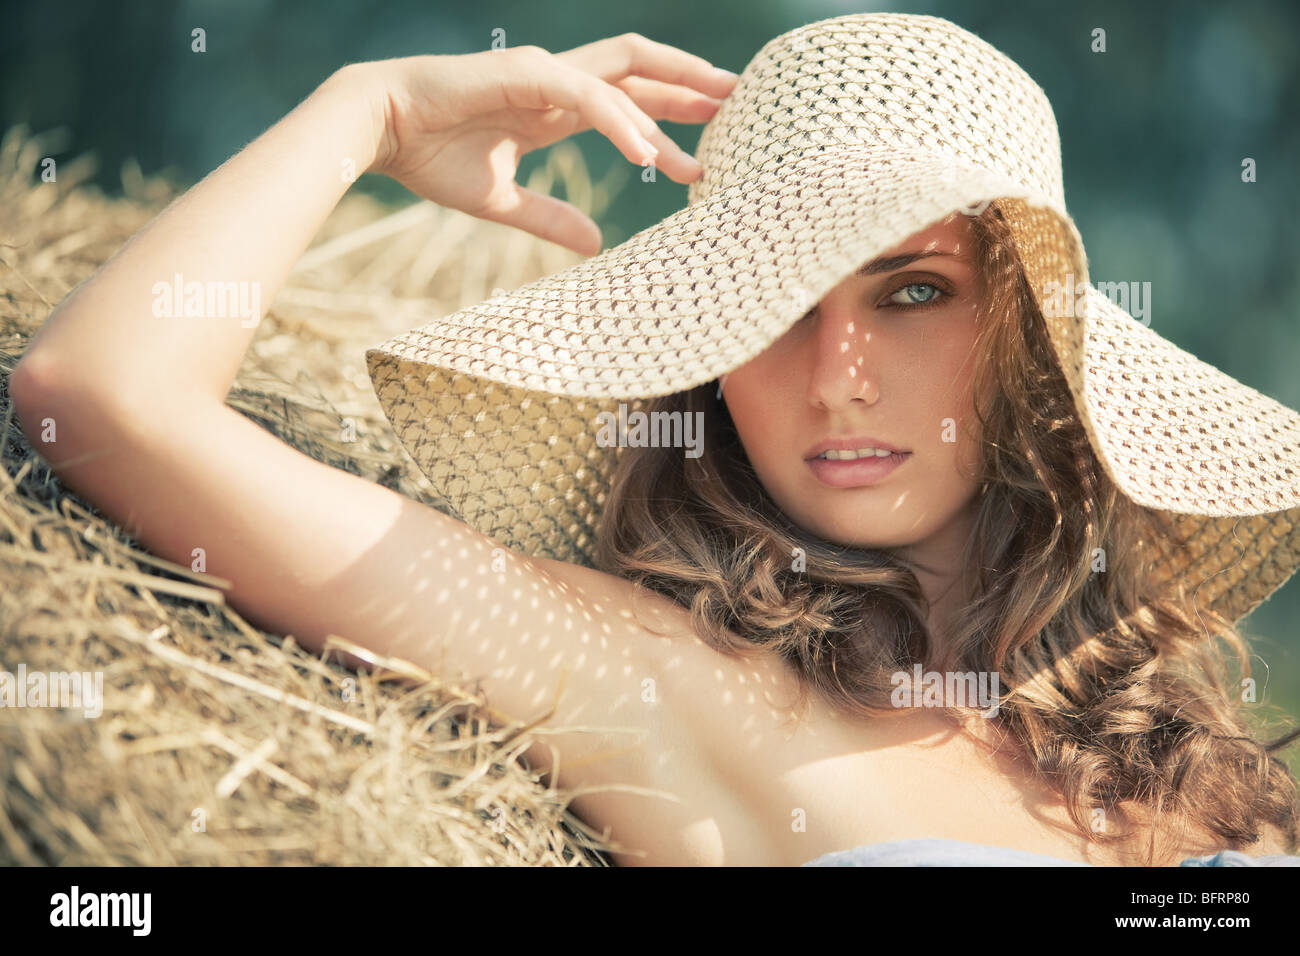 Jeune Femme au chapeau portrait. Des couleurs douces. Banque D'Images